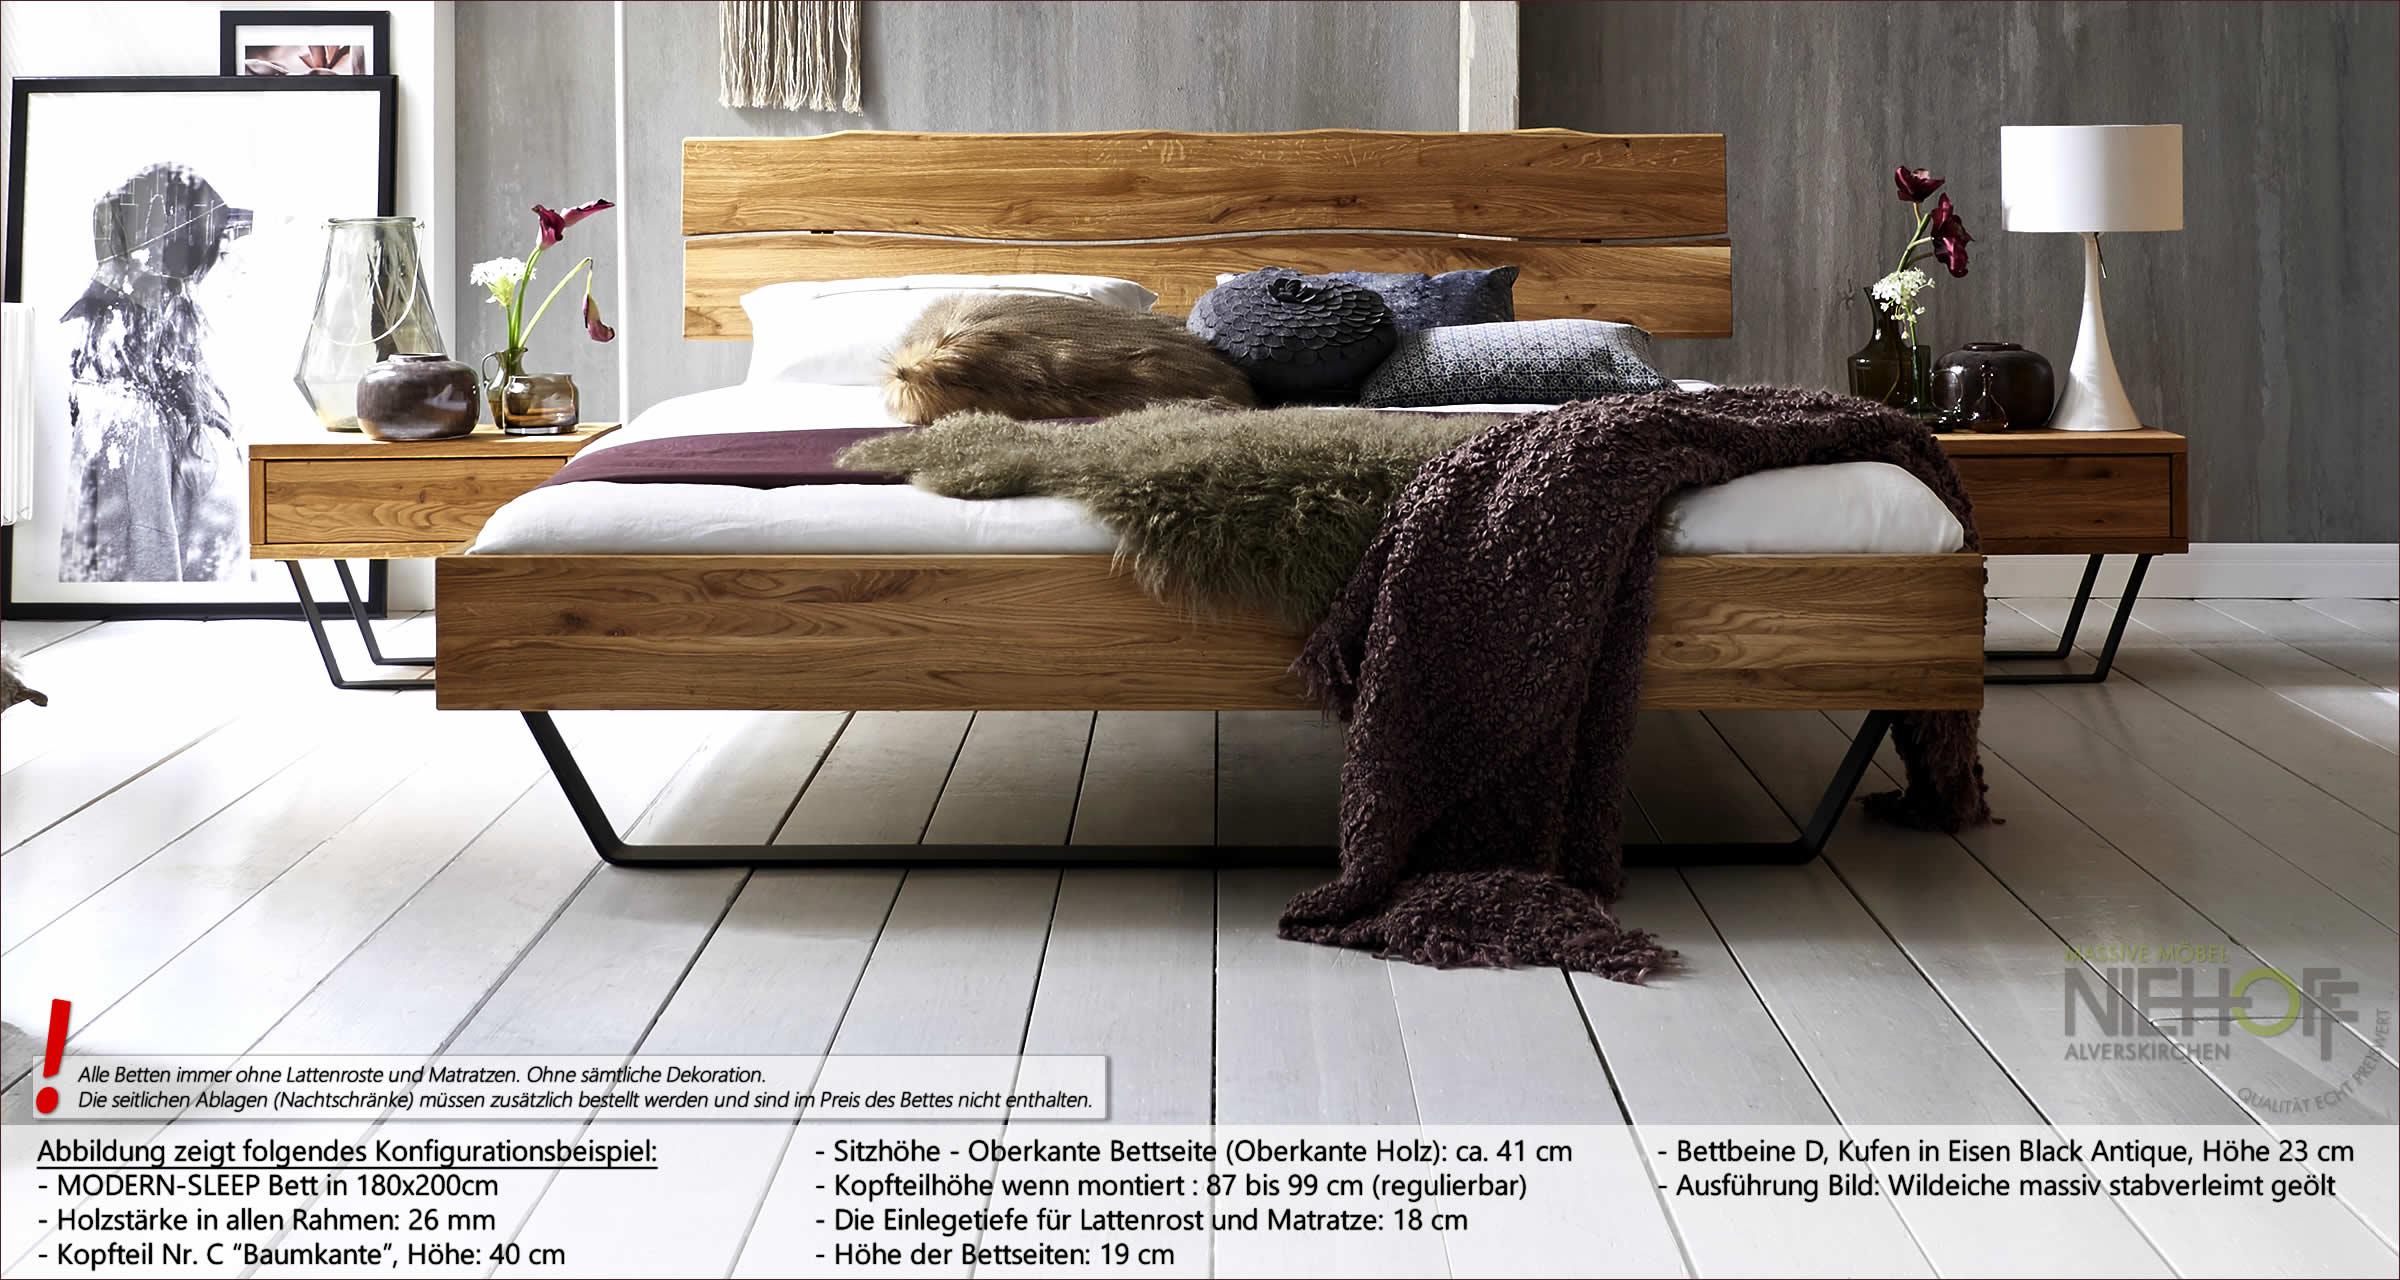 Full Size of Bett Rückwand Holz Sofa Mit Bettkasten Betten 140x200 Weiß 100x200 Weißes 160x200 Amazon 180x200 Günstig Kaufen Schreibtisch 90x200 Lifetime Zum Ausziehen Wohnzimmer Bett Rückwand Holz